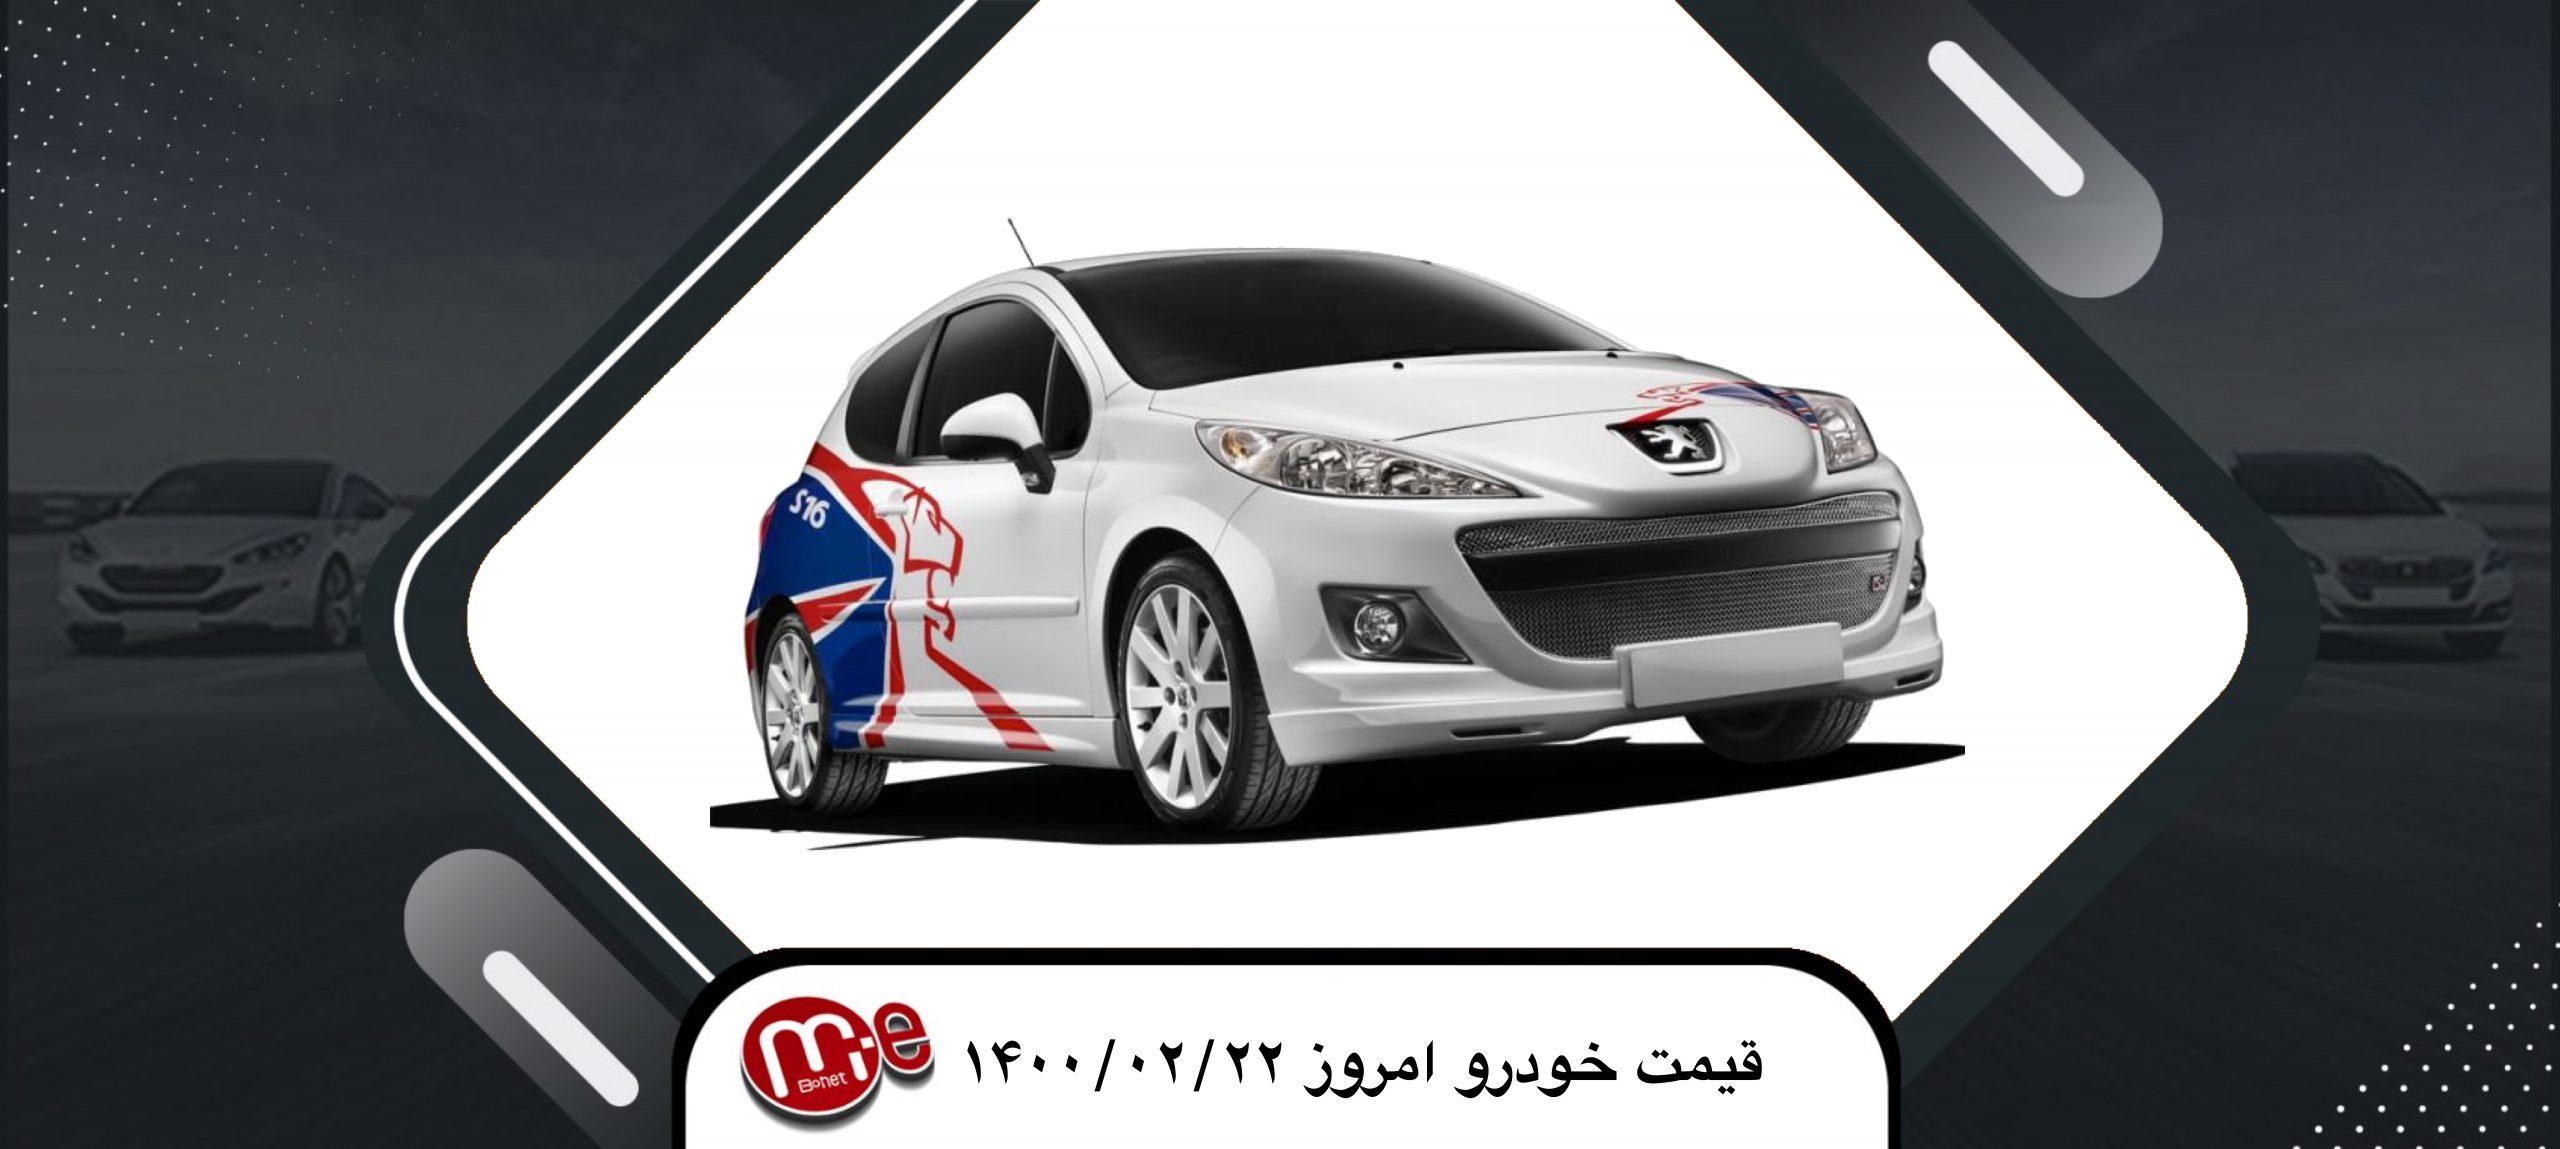 قیمت خودرو امروز 1400/02/22 قیمت خودرو خارجی و داخلی در بازار